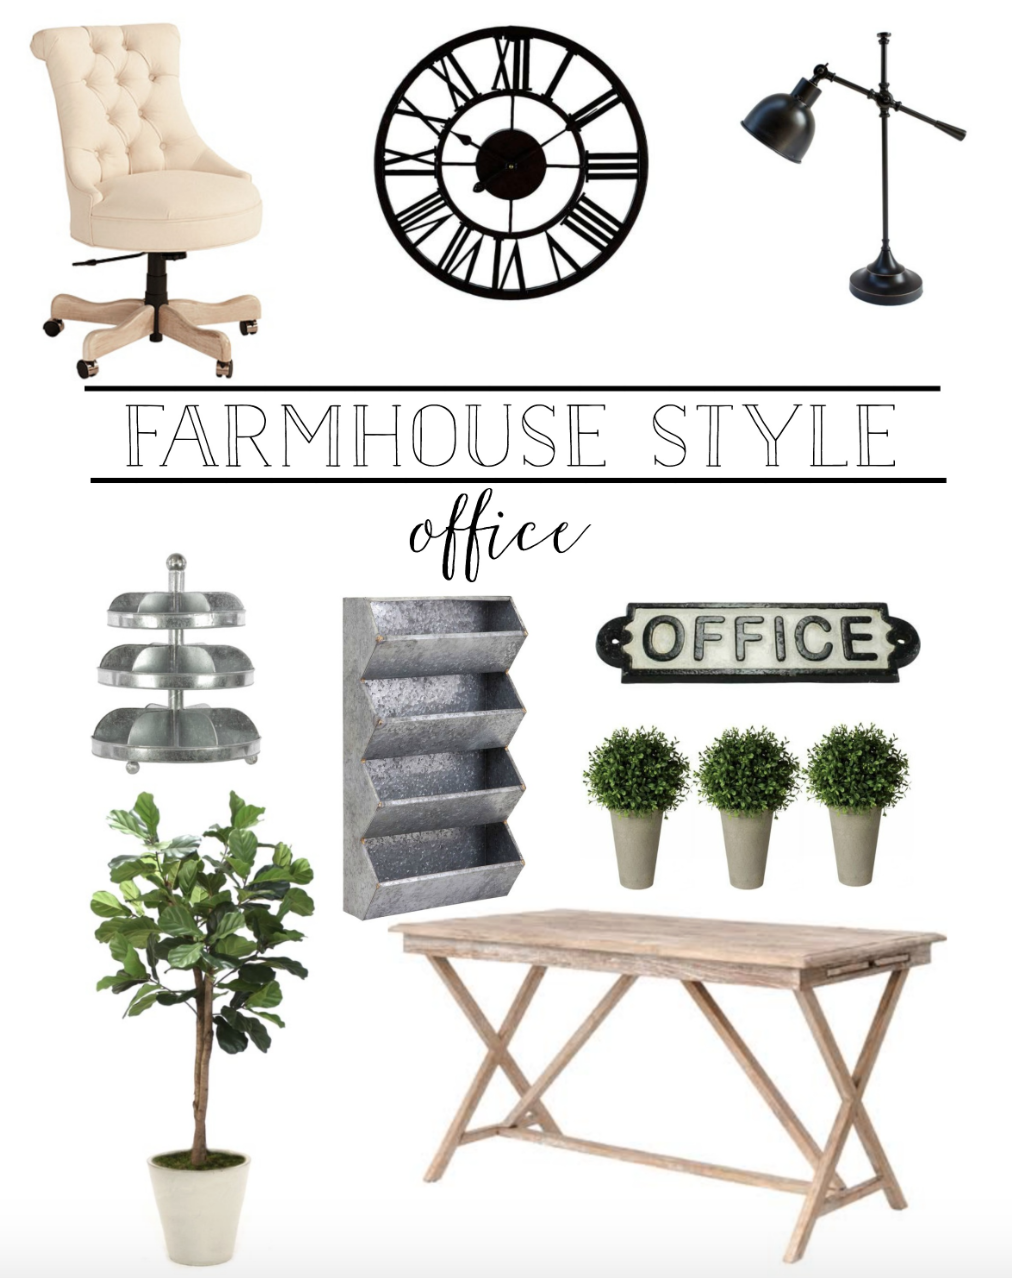 Farmhouse Style Office Style Board- Plum Pretty Decor and Design